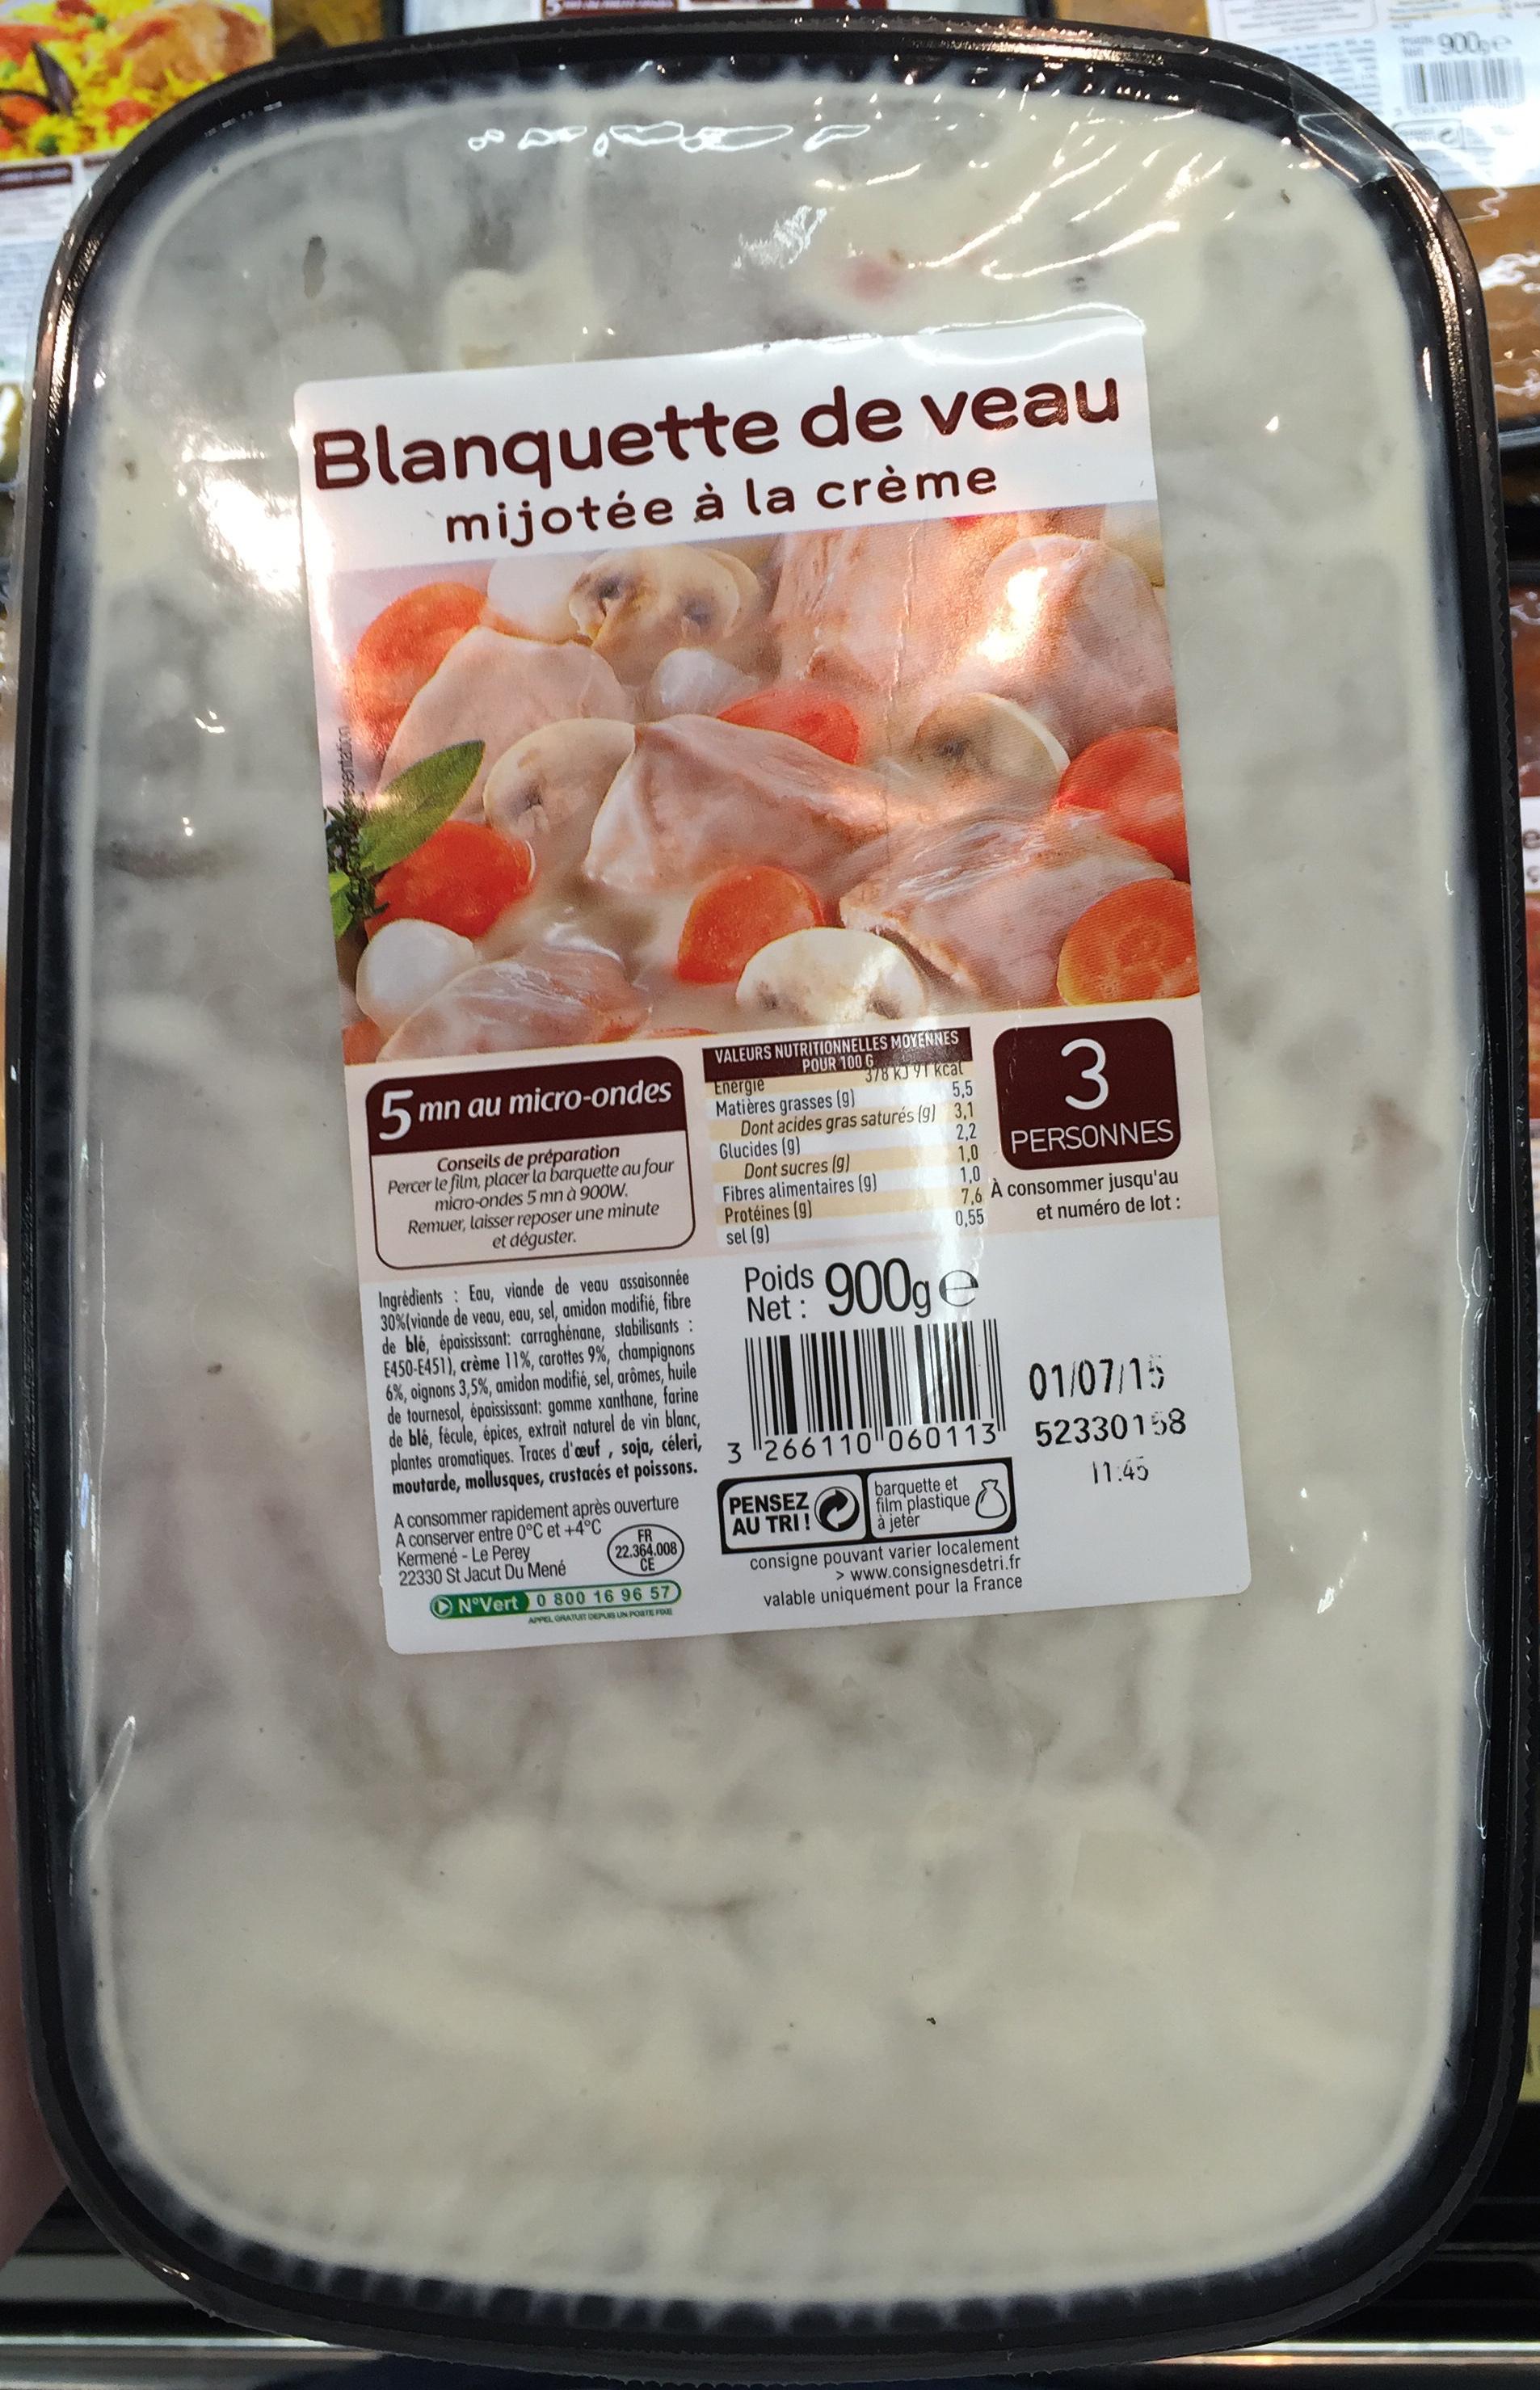 Blanquette de veau mijotée à la crème - Produit - fr